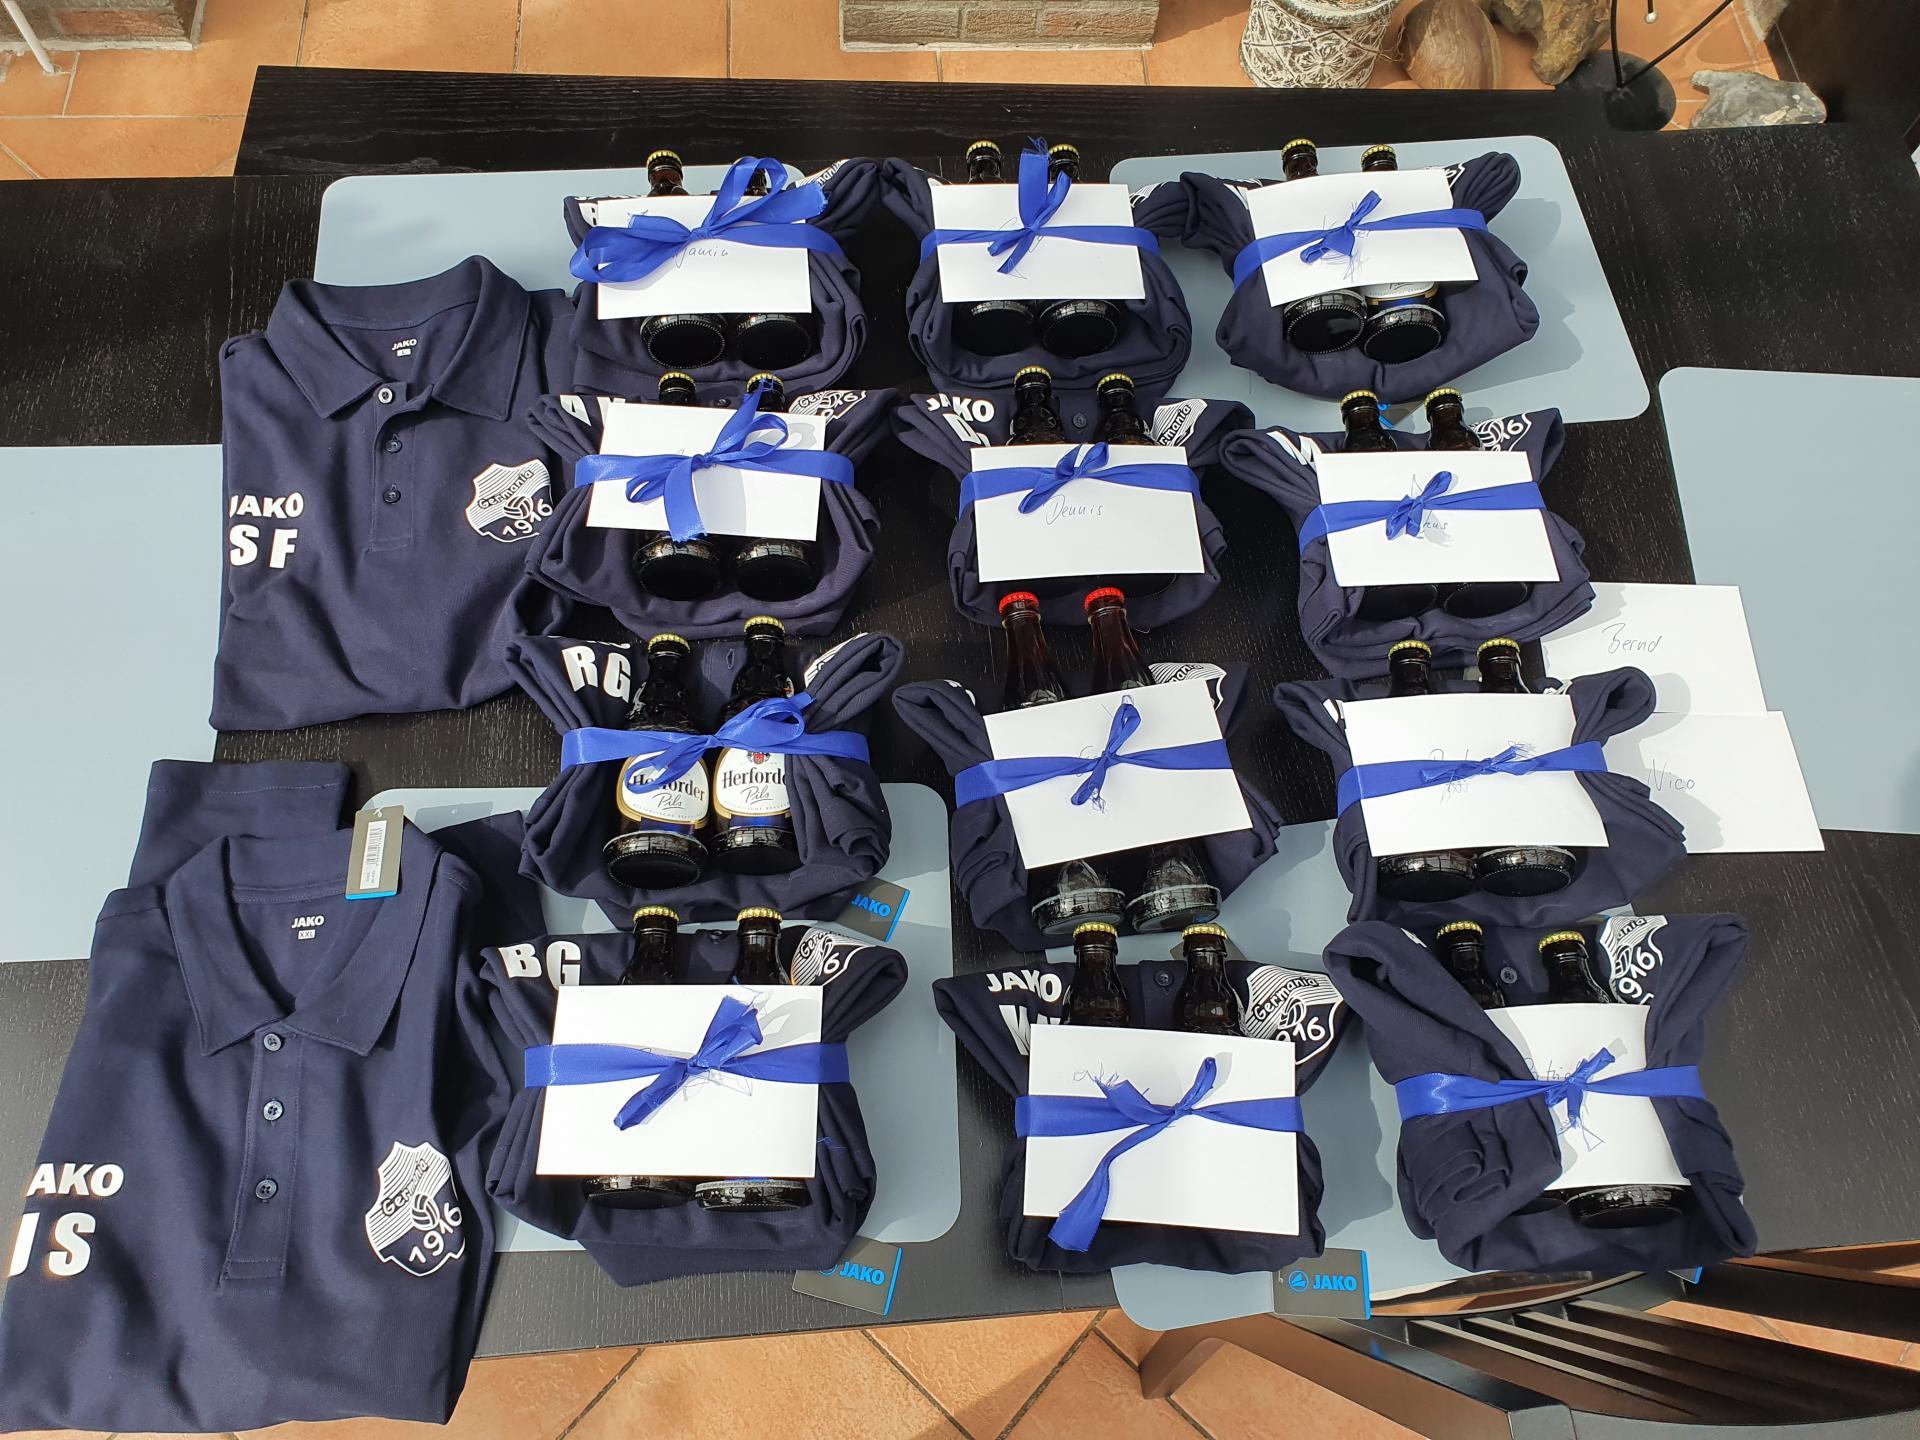 Neue Poloshirts für die Jugendabteilung